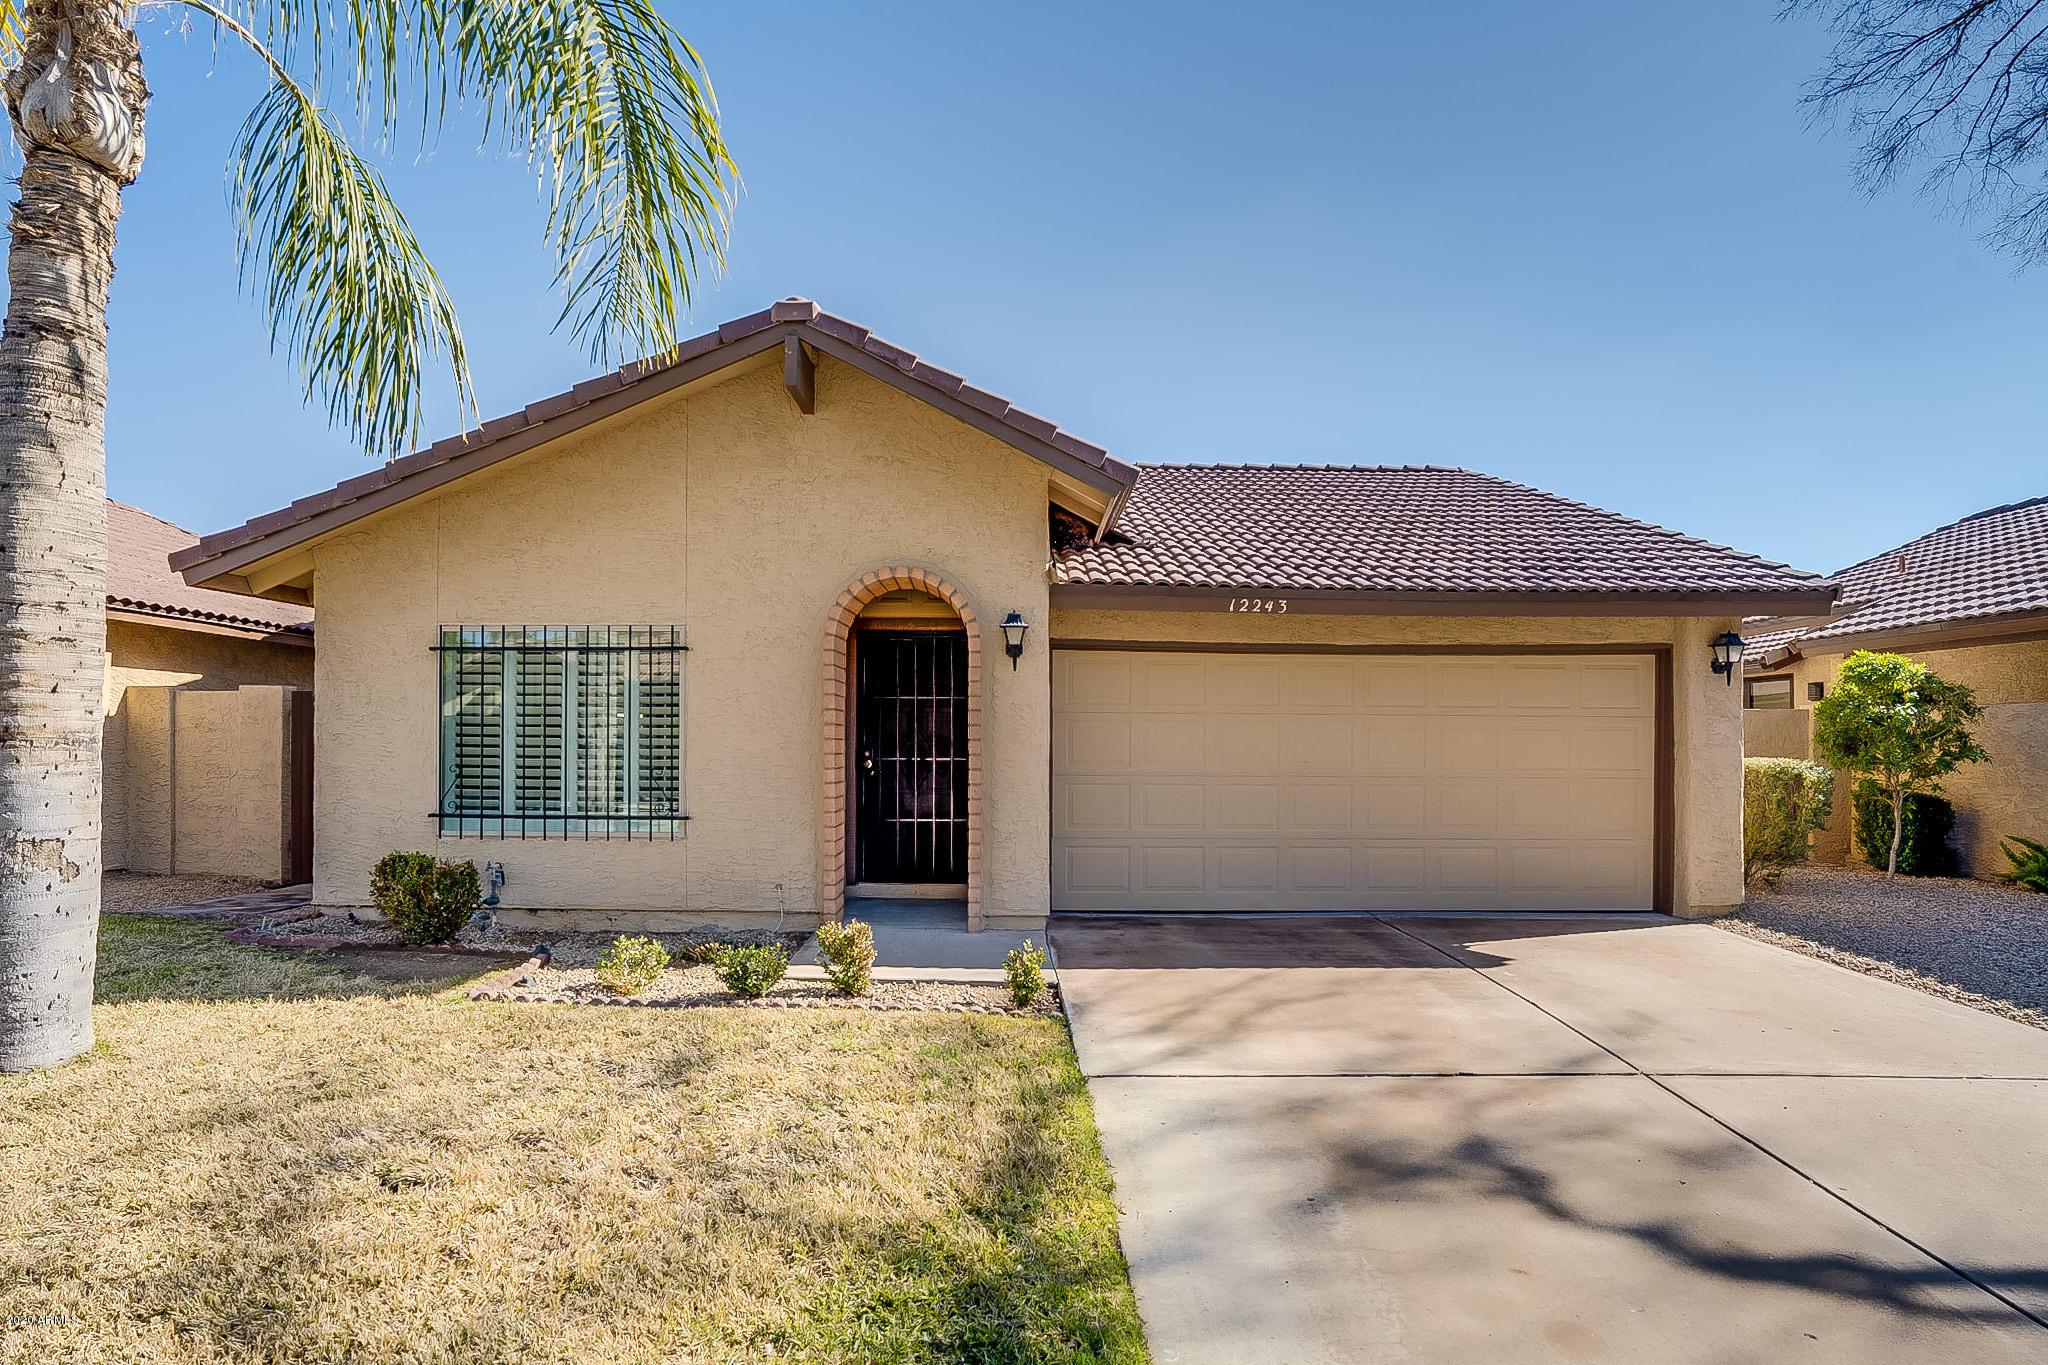 Photo of 12243 S CHIPPEWA Drive, Phoenix, AZ 85044